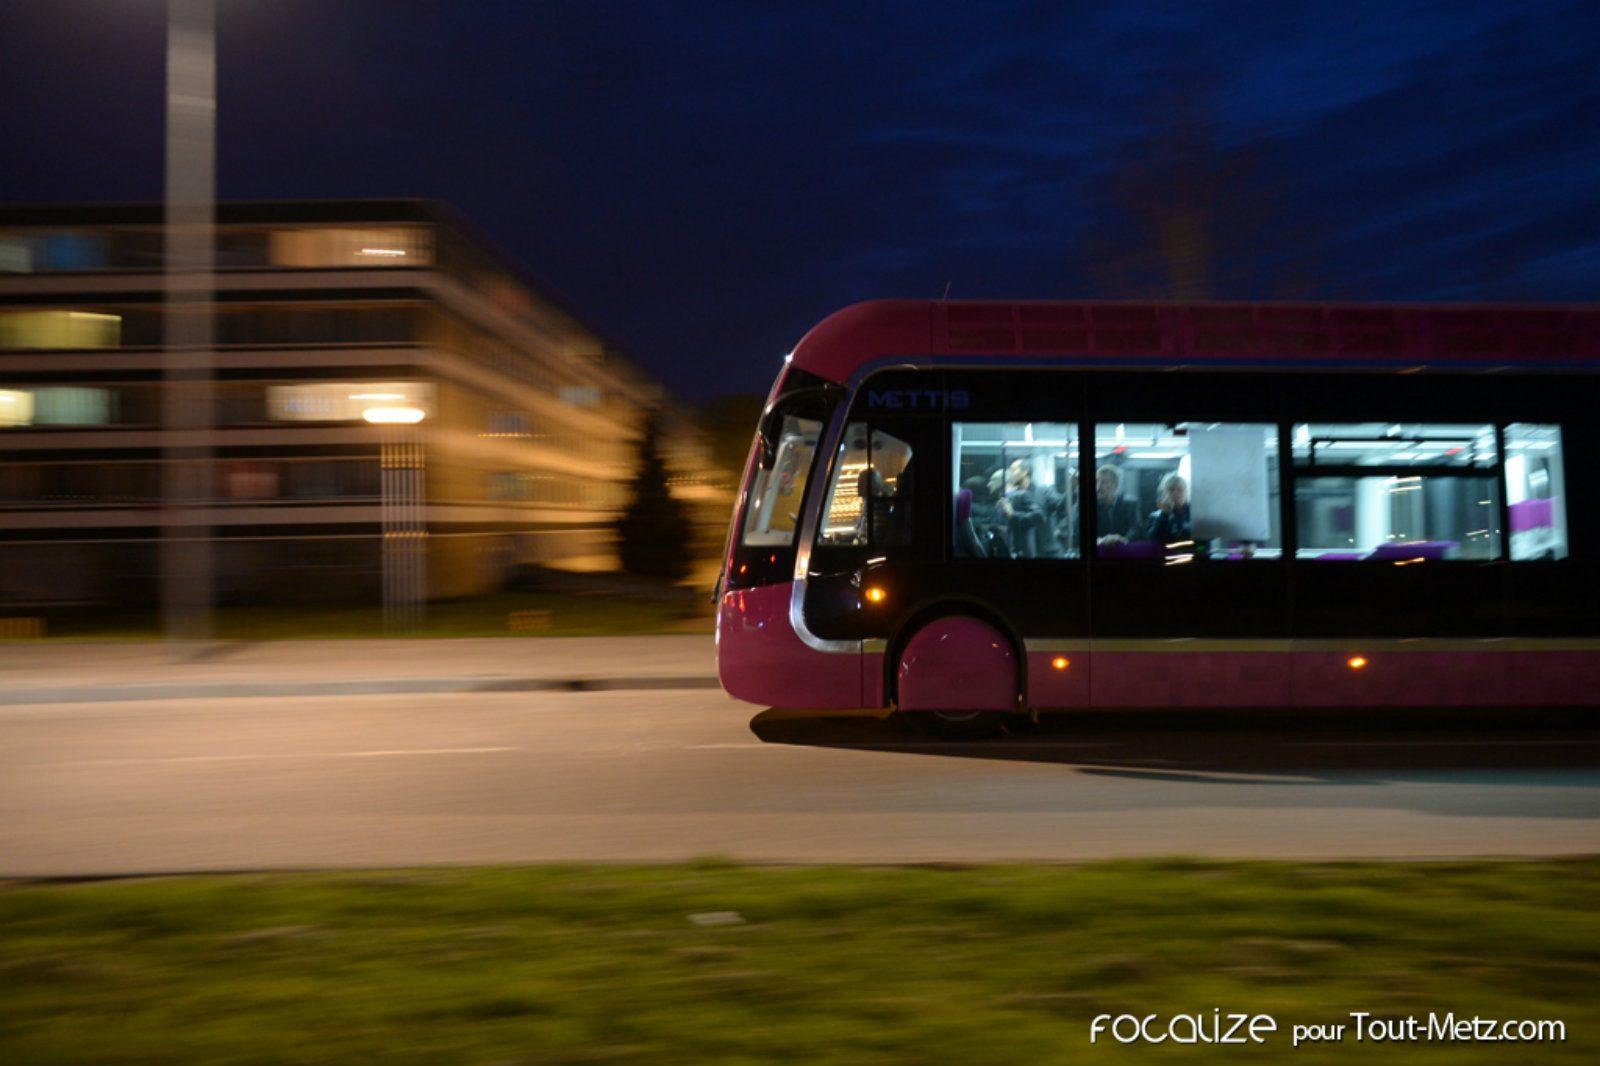 Metz : un mineur met le feu dans un Mettis, aucun passager n'a été blessé